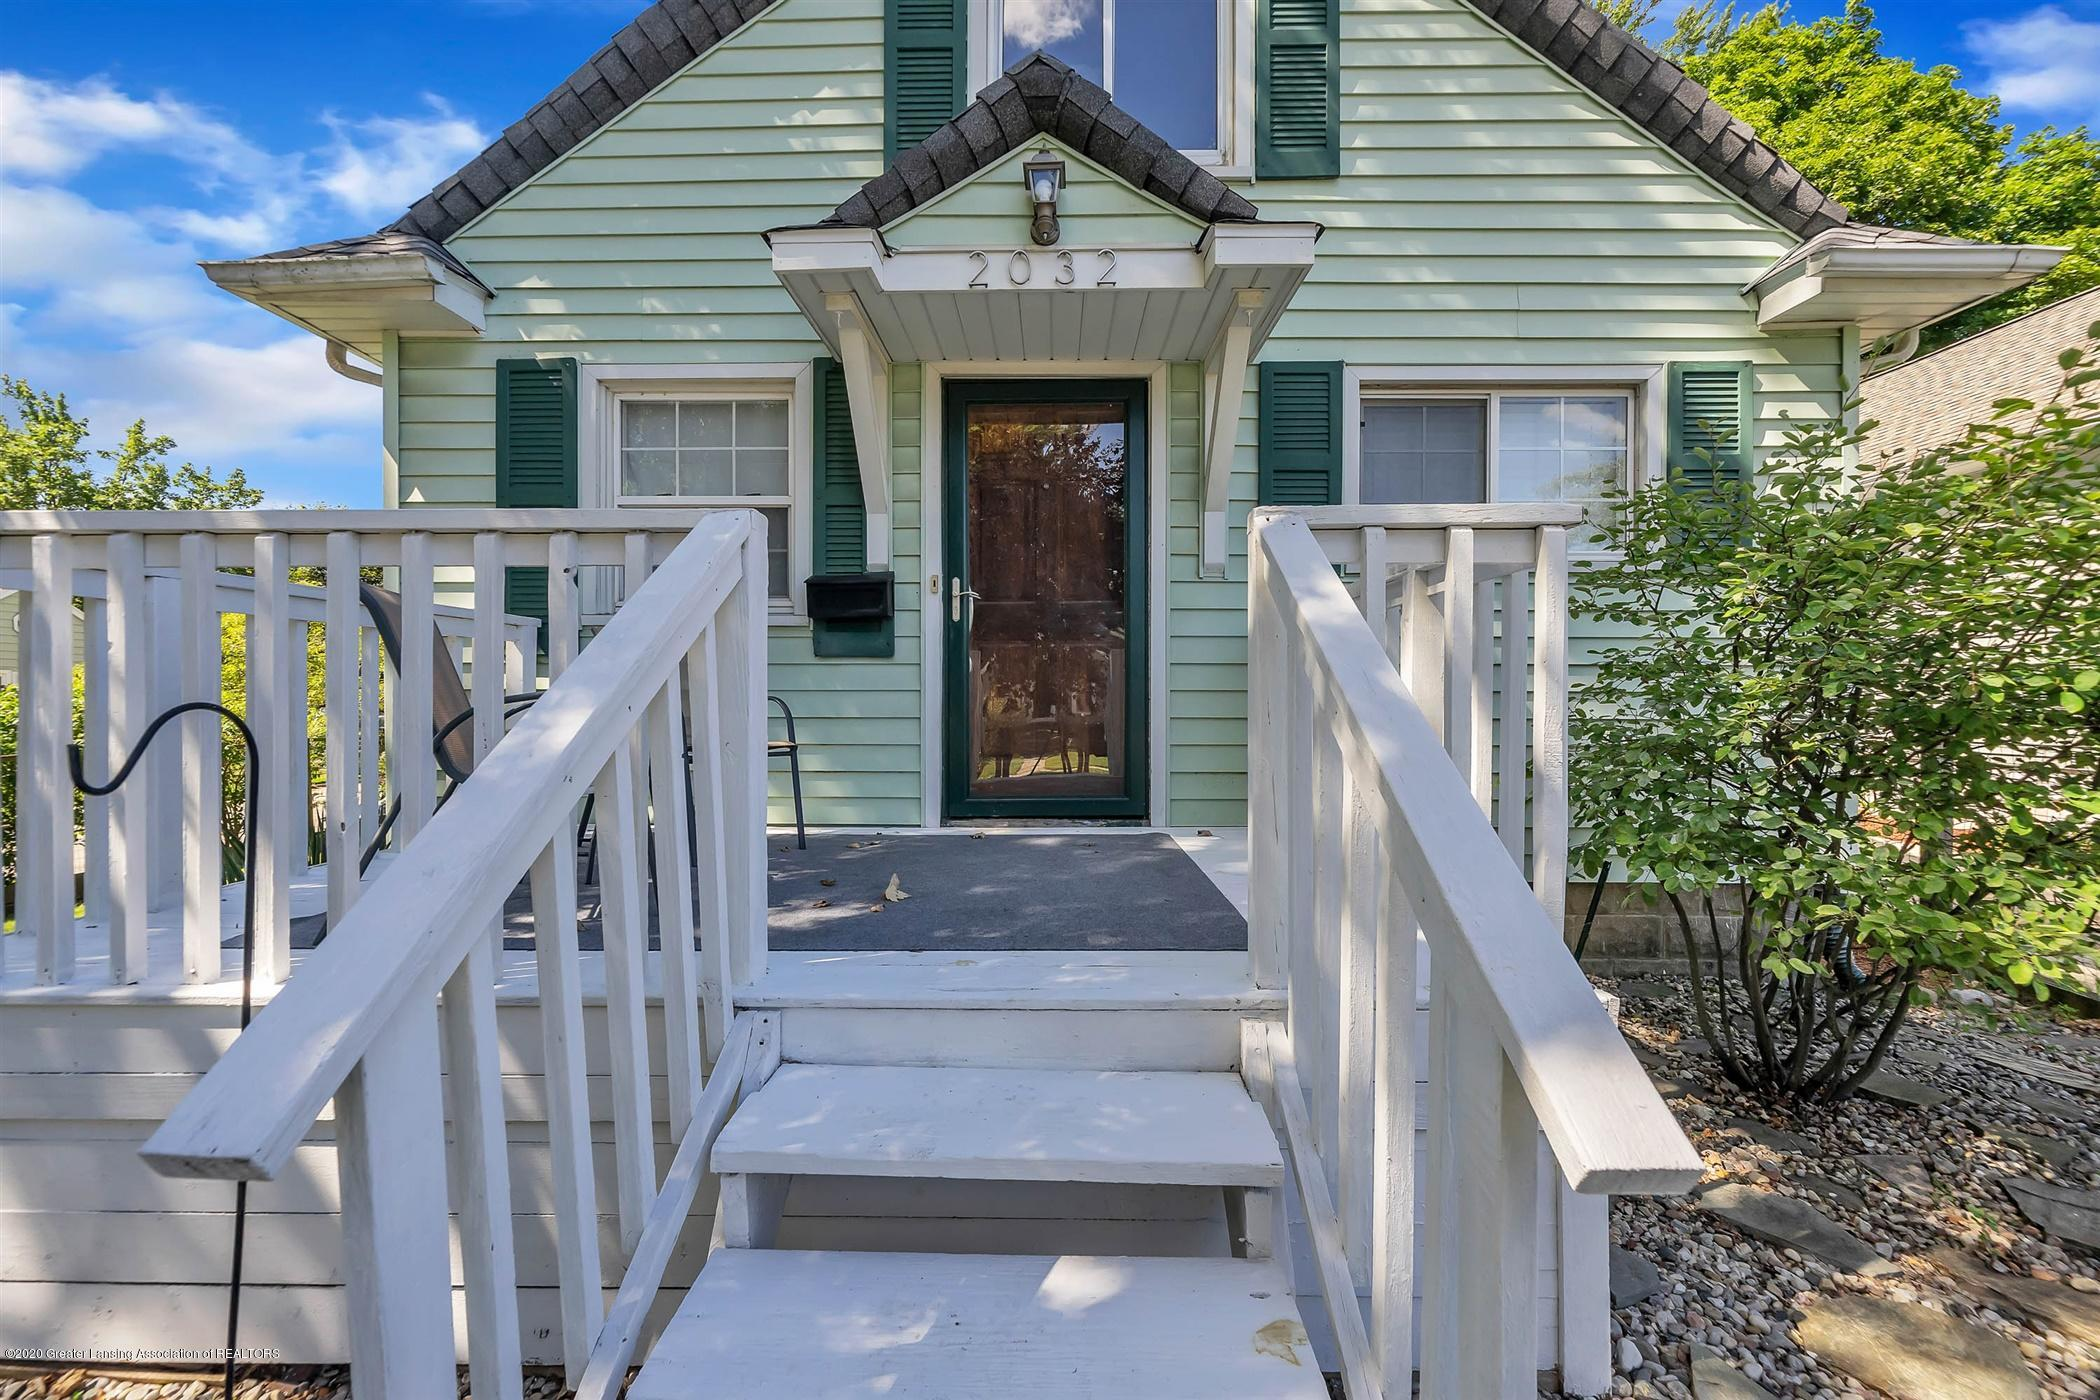 2032 Clifton Ave - (29) EXTERIOR Front Porch - 30